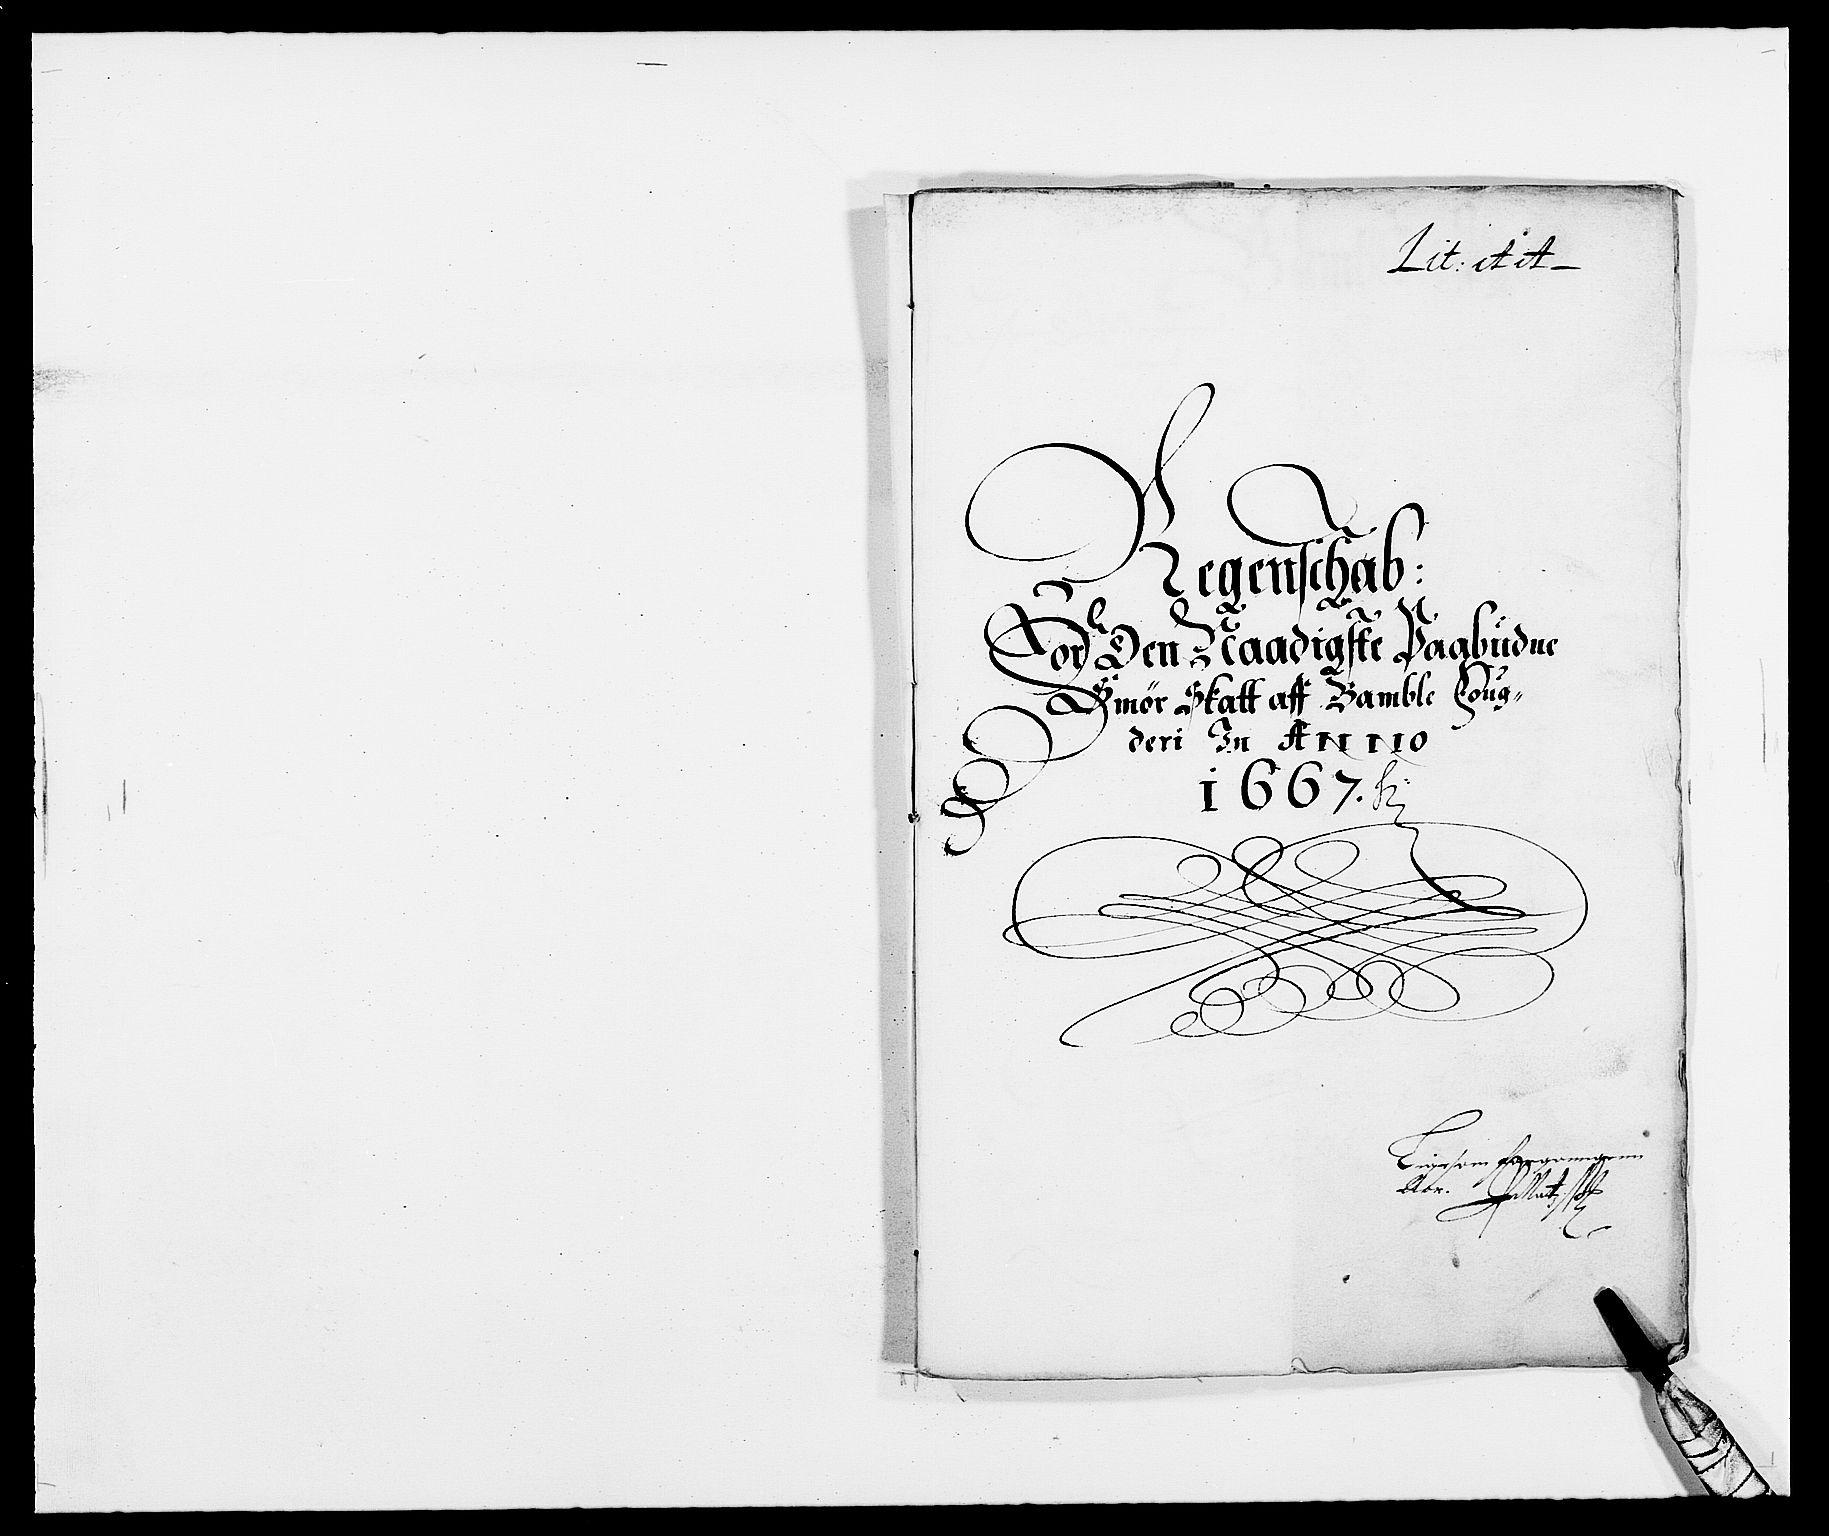 RA, Rentekammeret inntil 1814, Reviderte regnskaper, Fogderegnskap, R34/L2039: Fogderegnskap Bamble, 1662-1669, s. 224